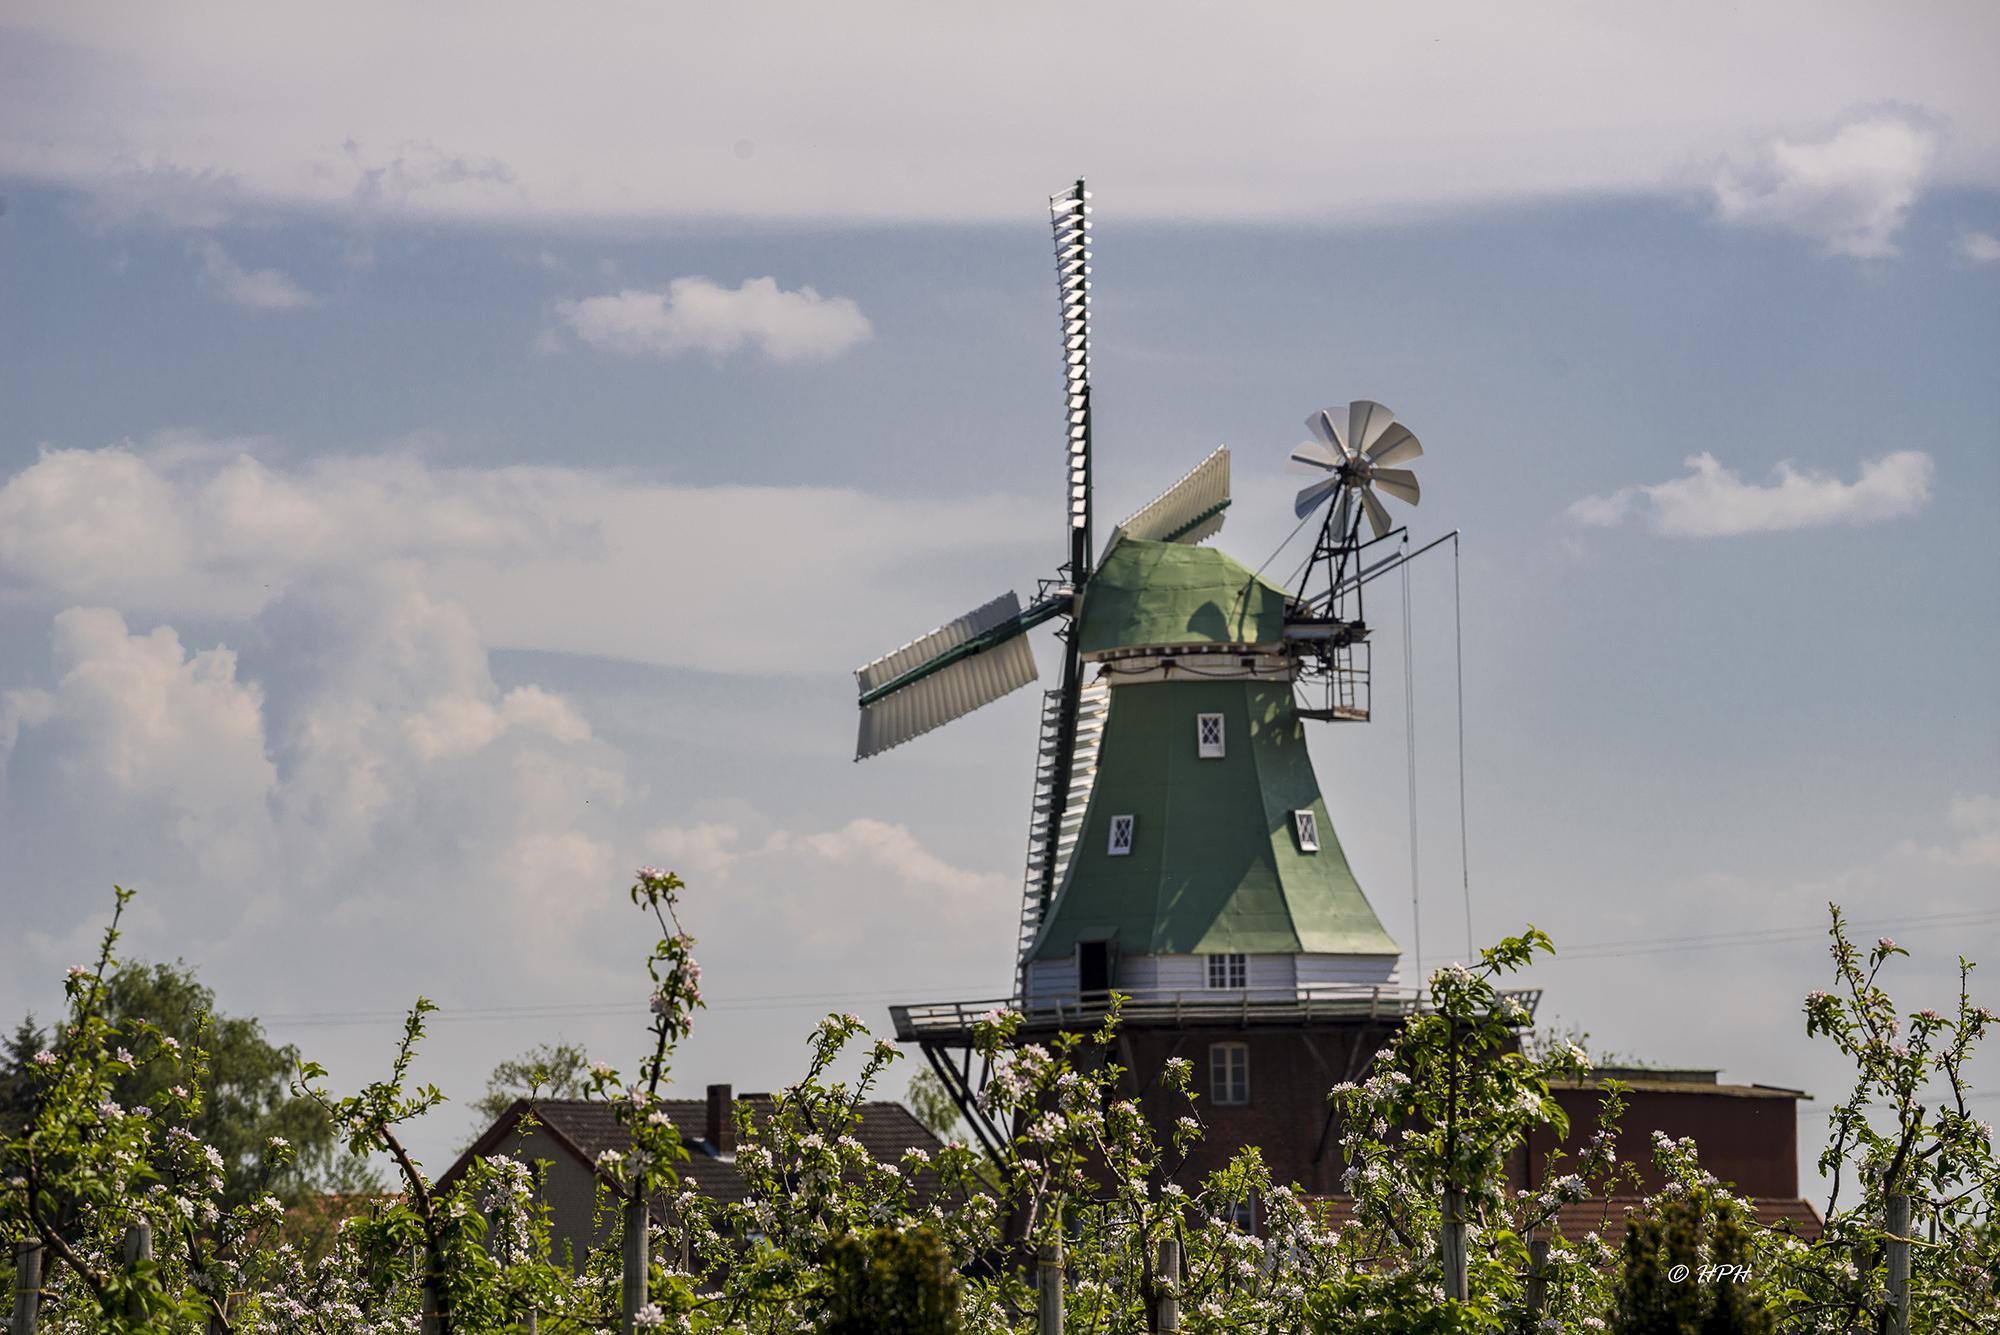 Windmill 'Venti Amica', Hollern-Twielenfleth, Germany